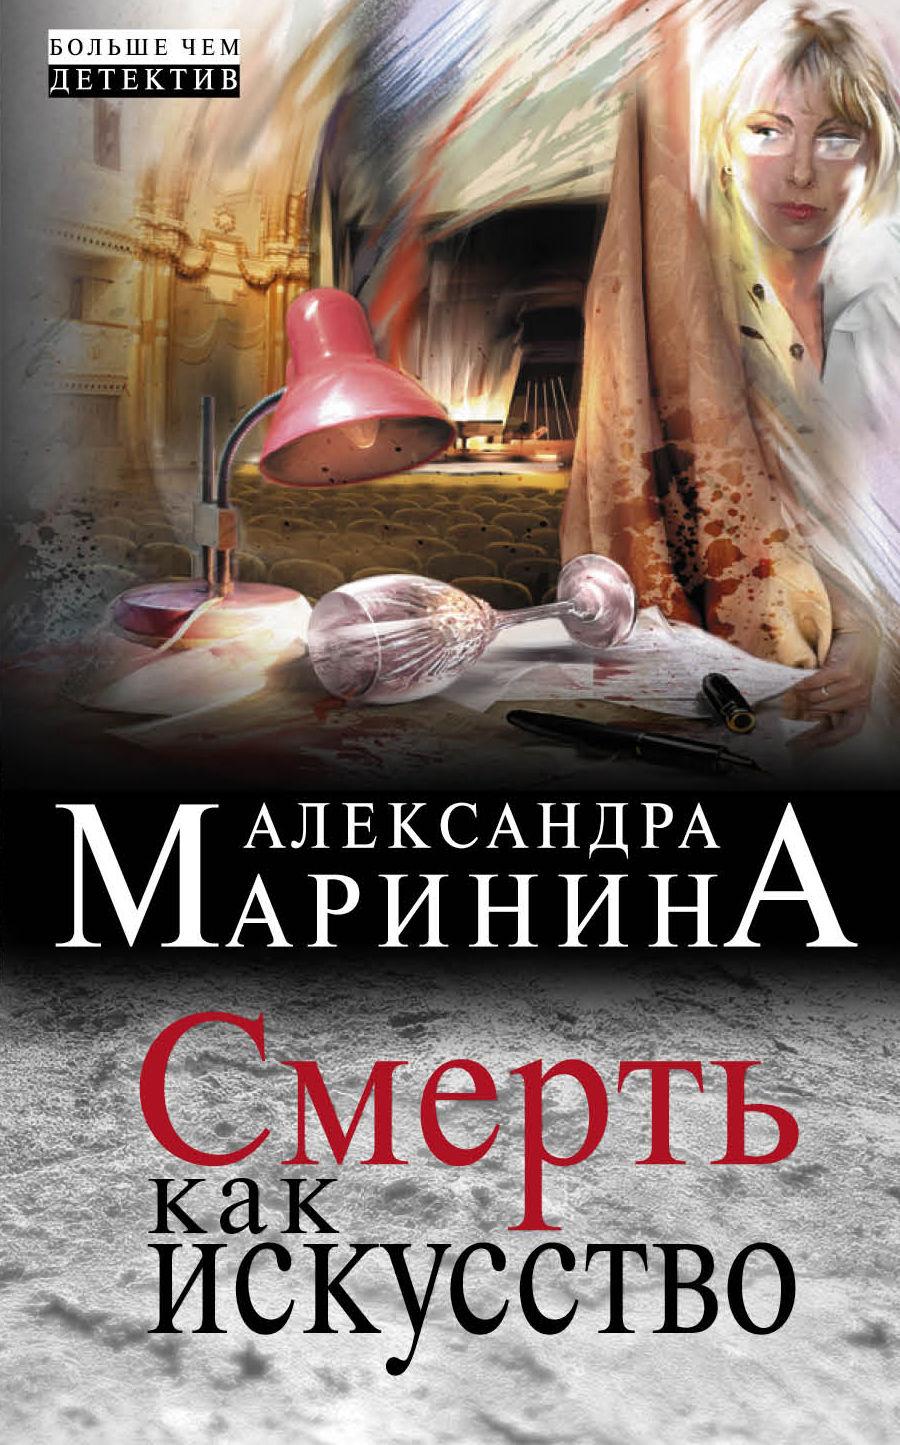 Купить Смерть как искусство, Александра Маринина, 978-5-699-80198-5